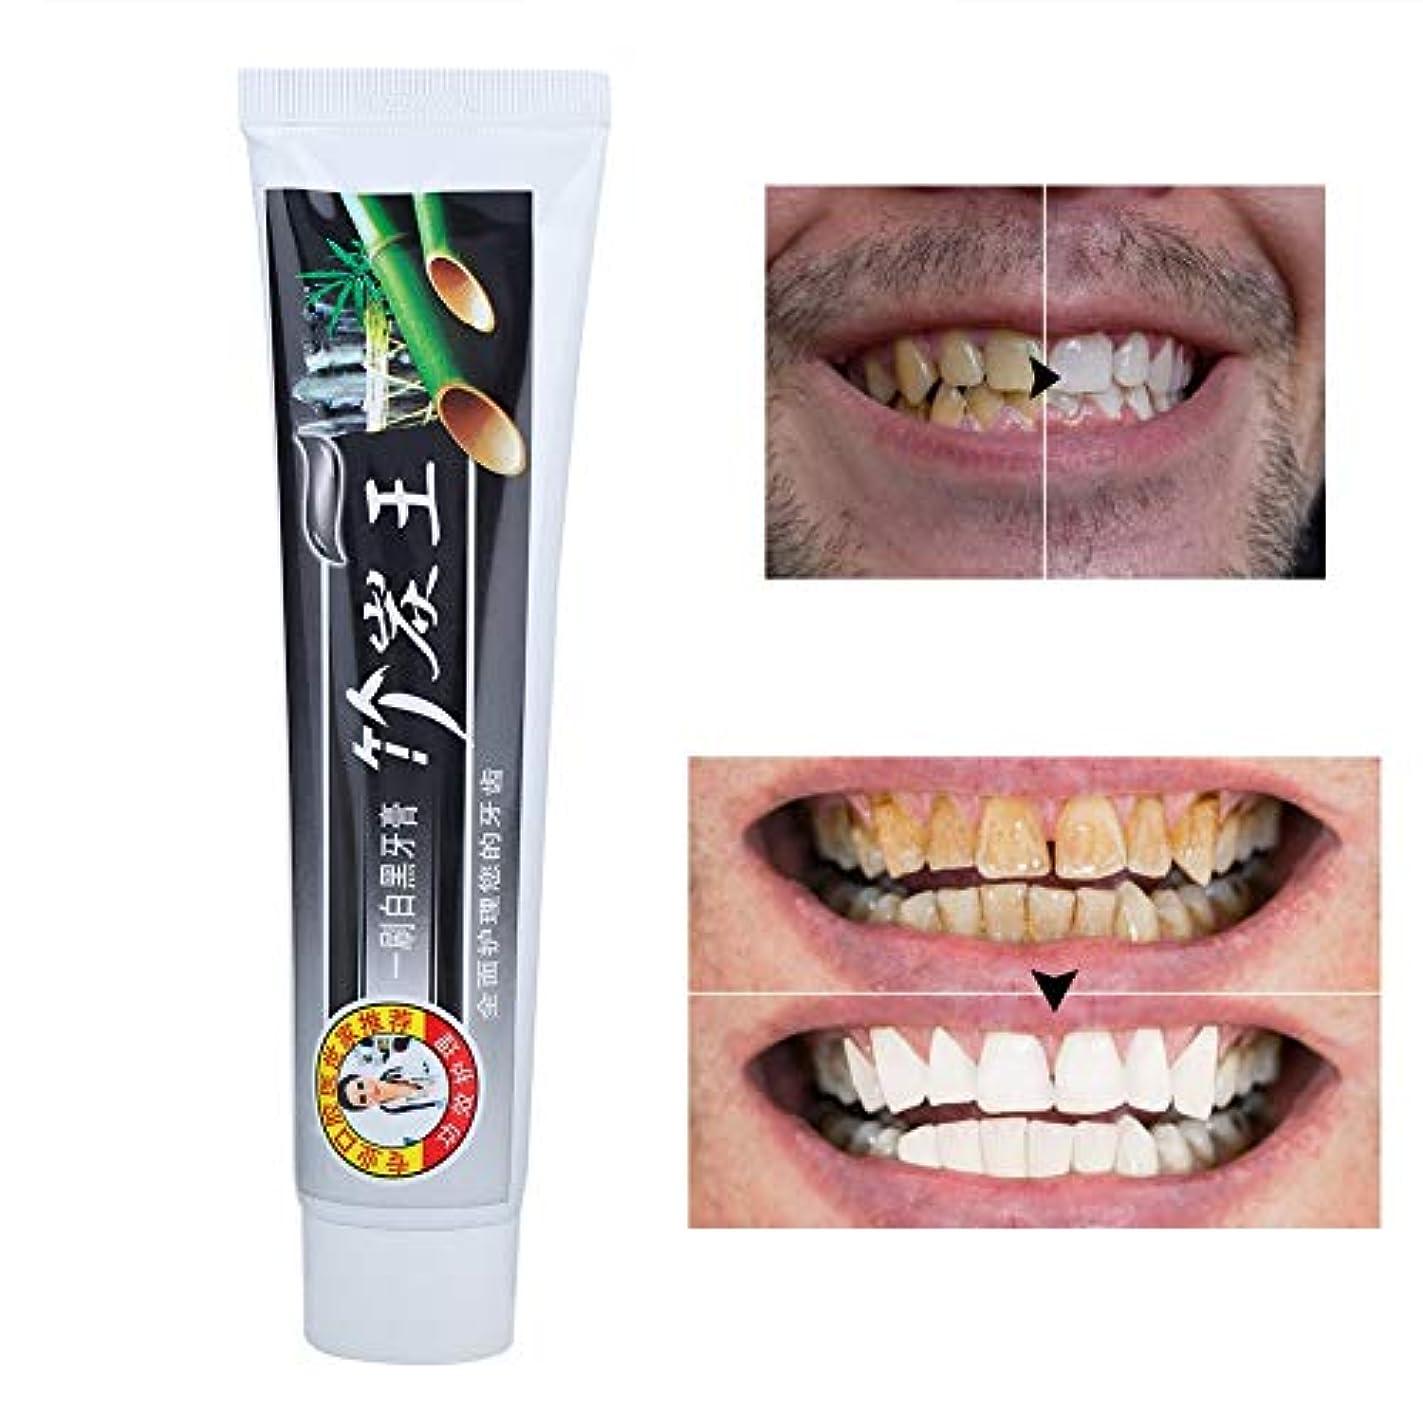 硫黄オークションマイナス汚れを白くする竹炭の抗口臭160gは、口腔ケアの歯磨き粉を取り除きます